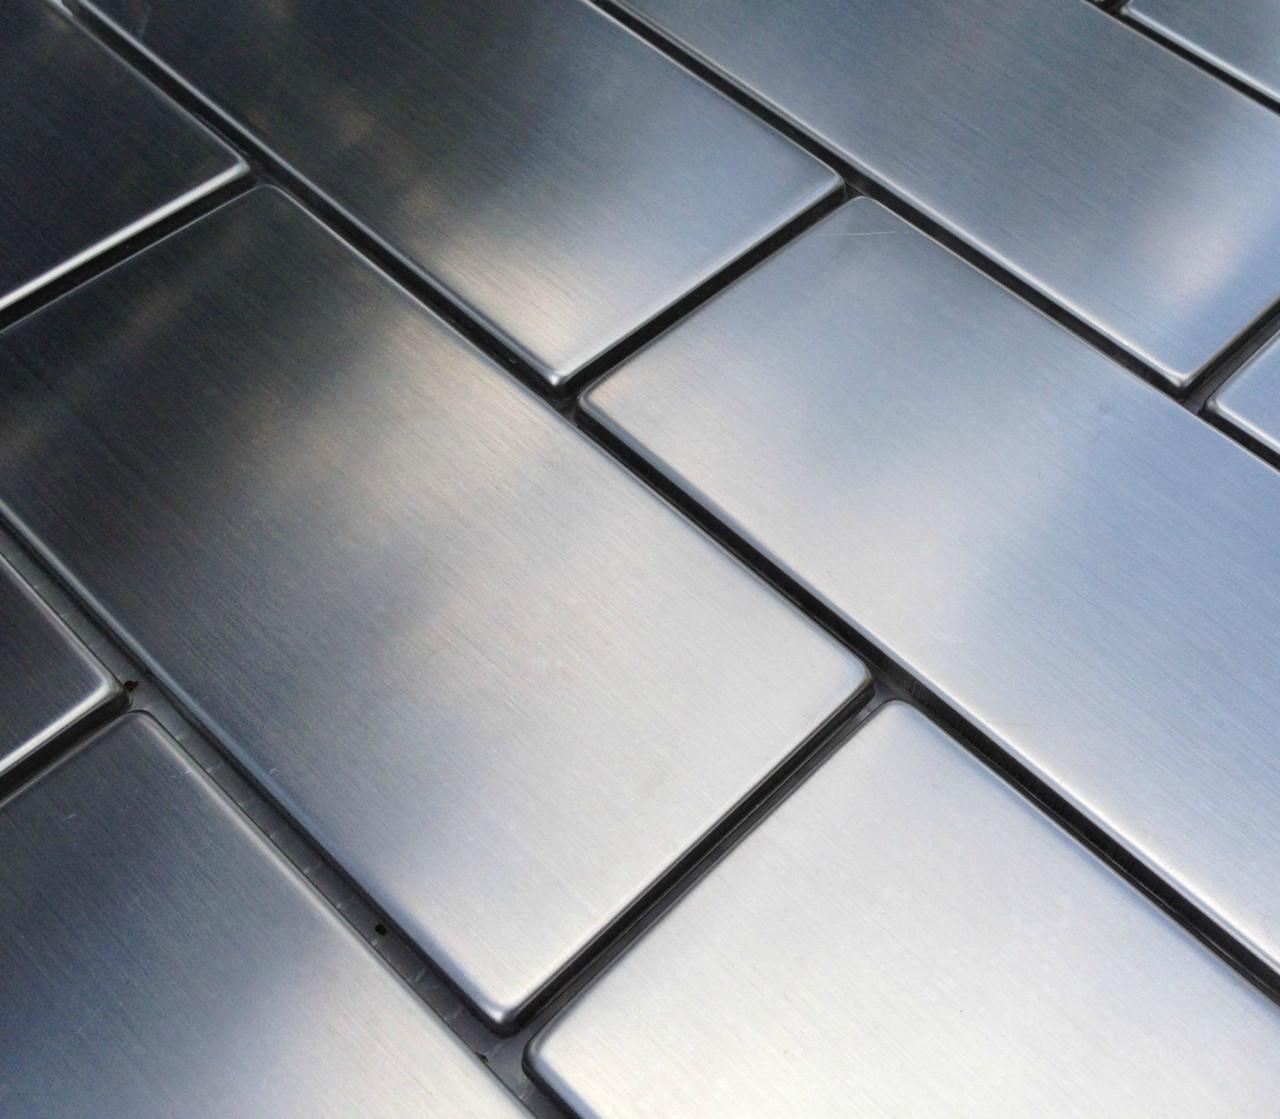 2x4 Metal Backsplash Tile - On Sale! Stainless Steel Tile   Steel ...